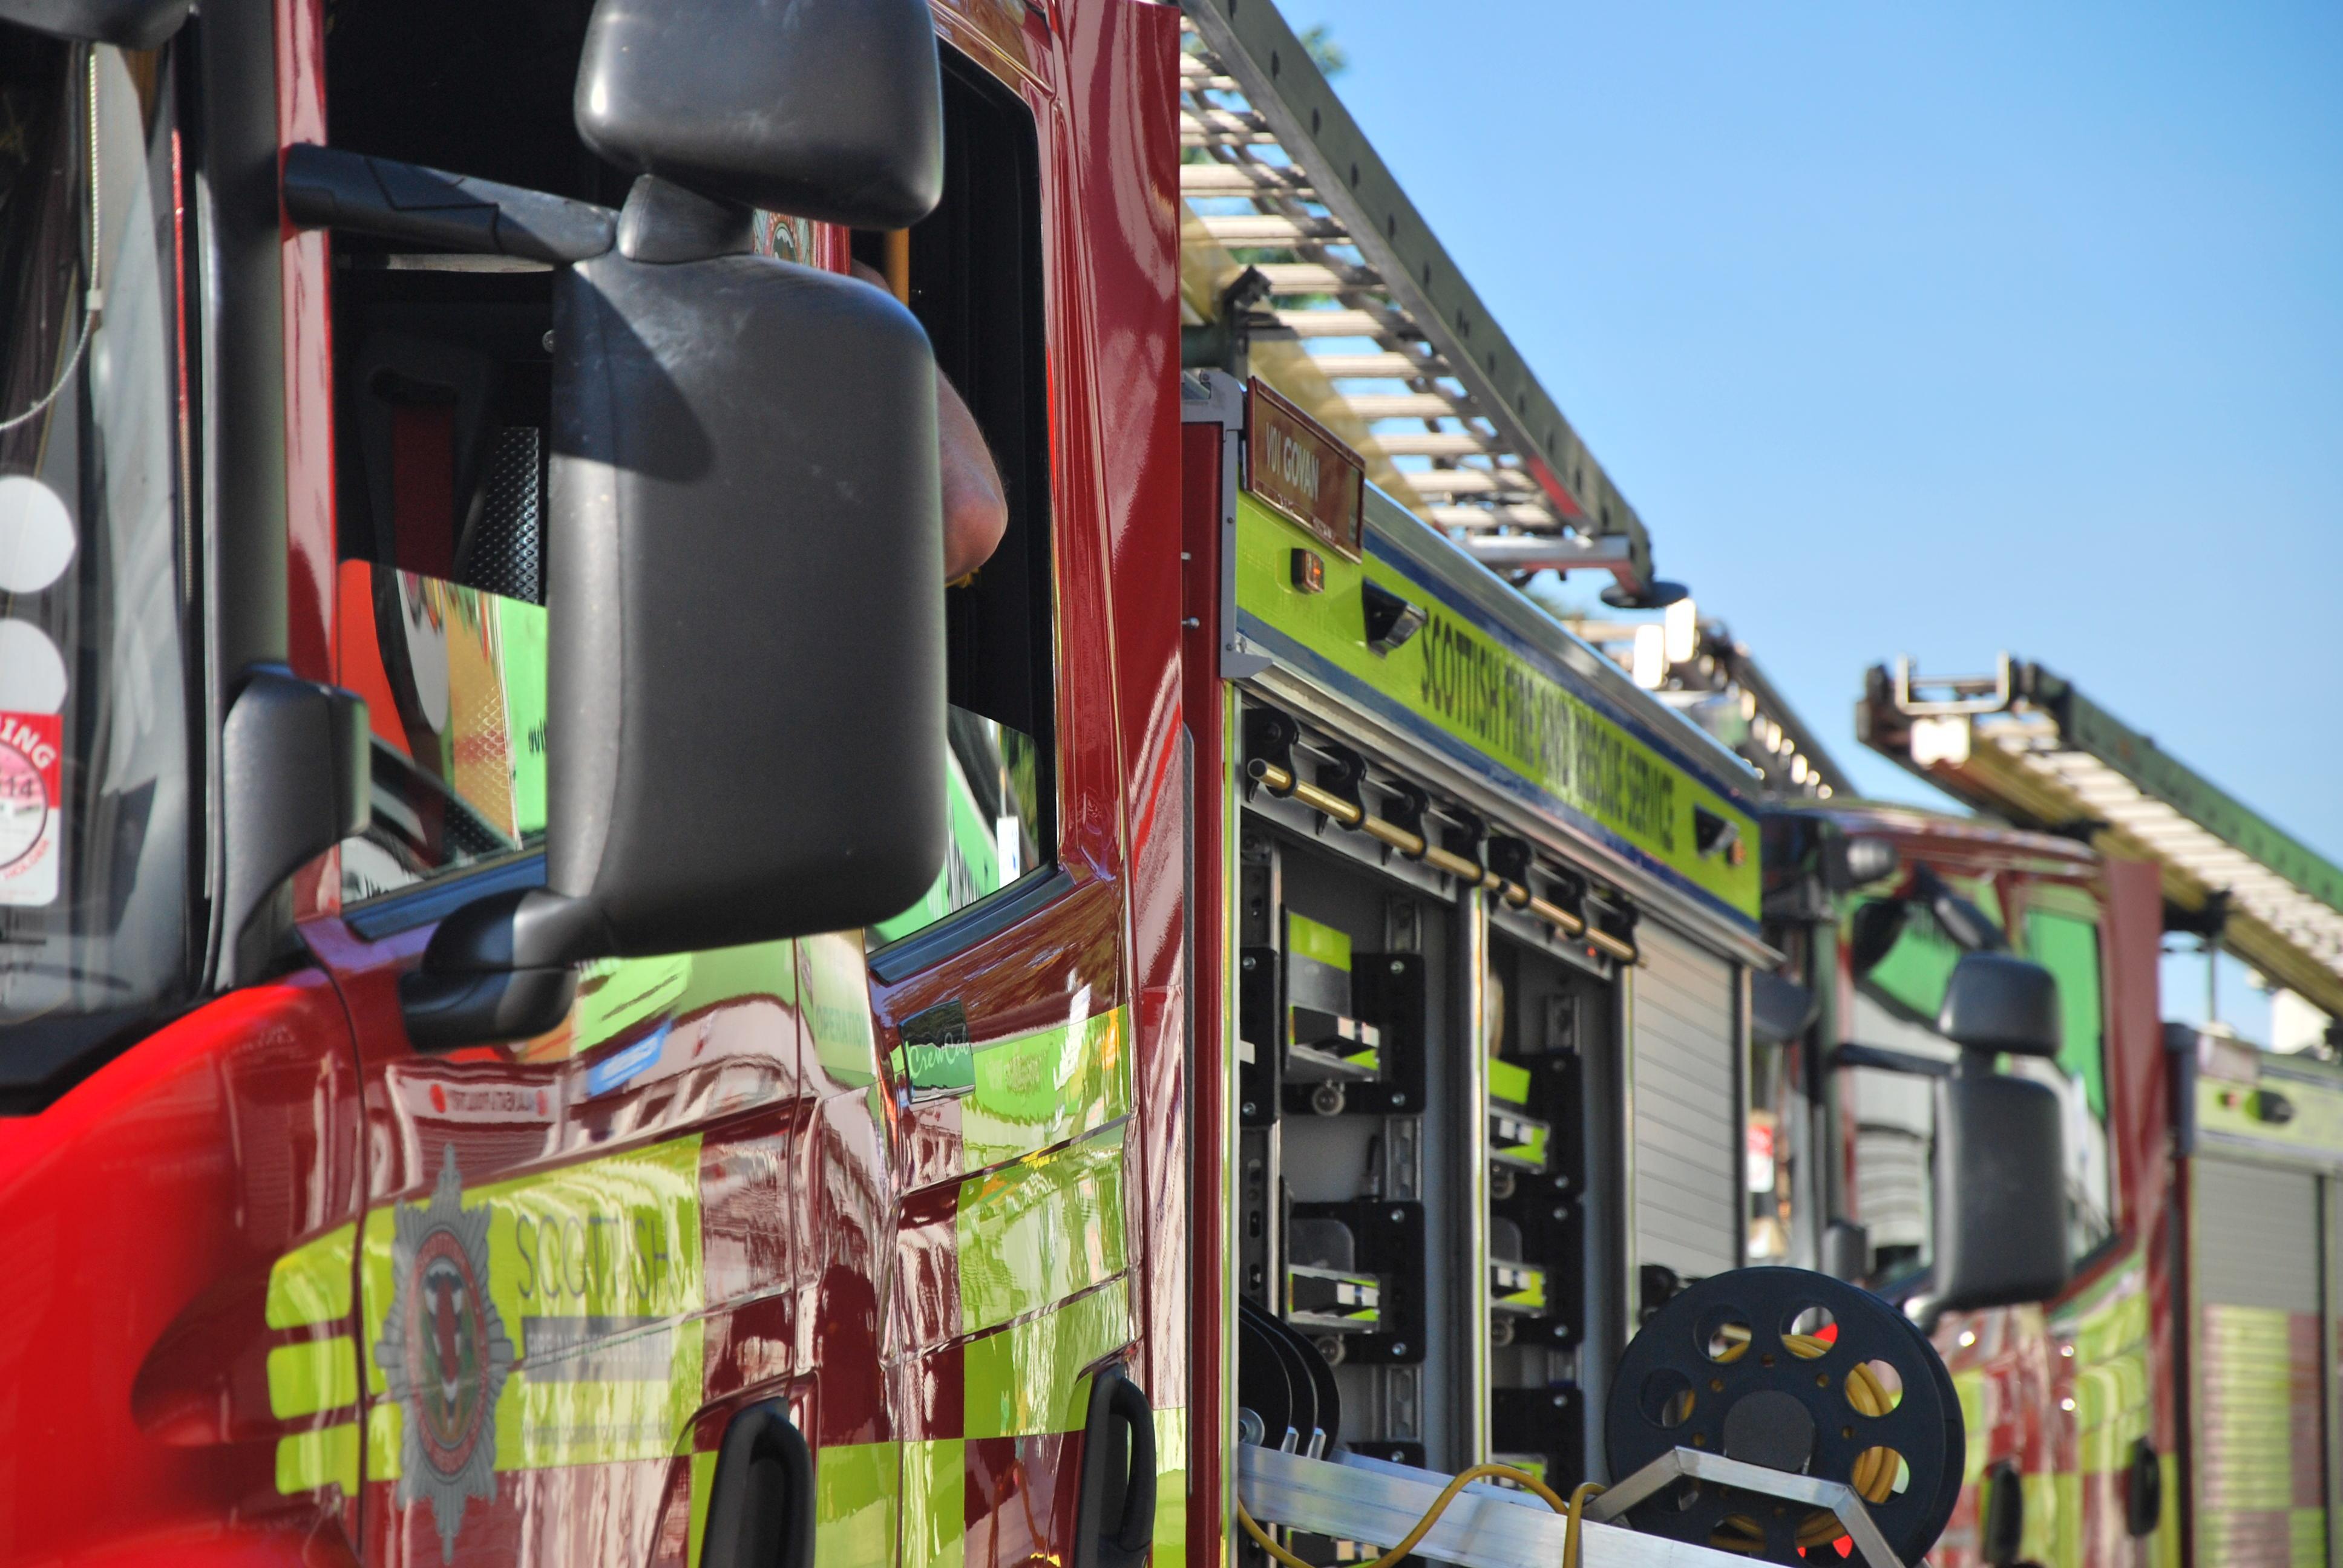 Renfrewshire kitchen fire